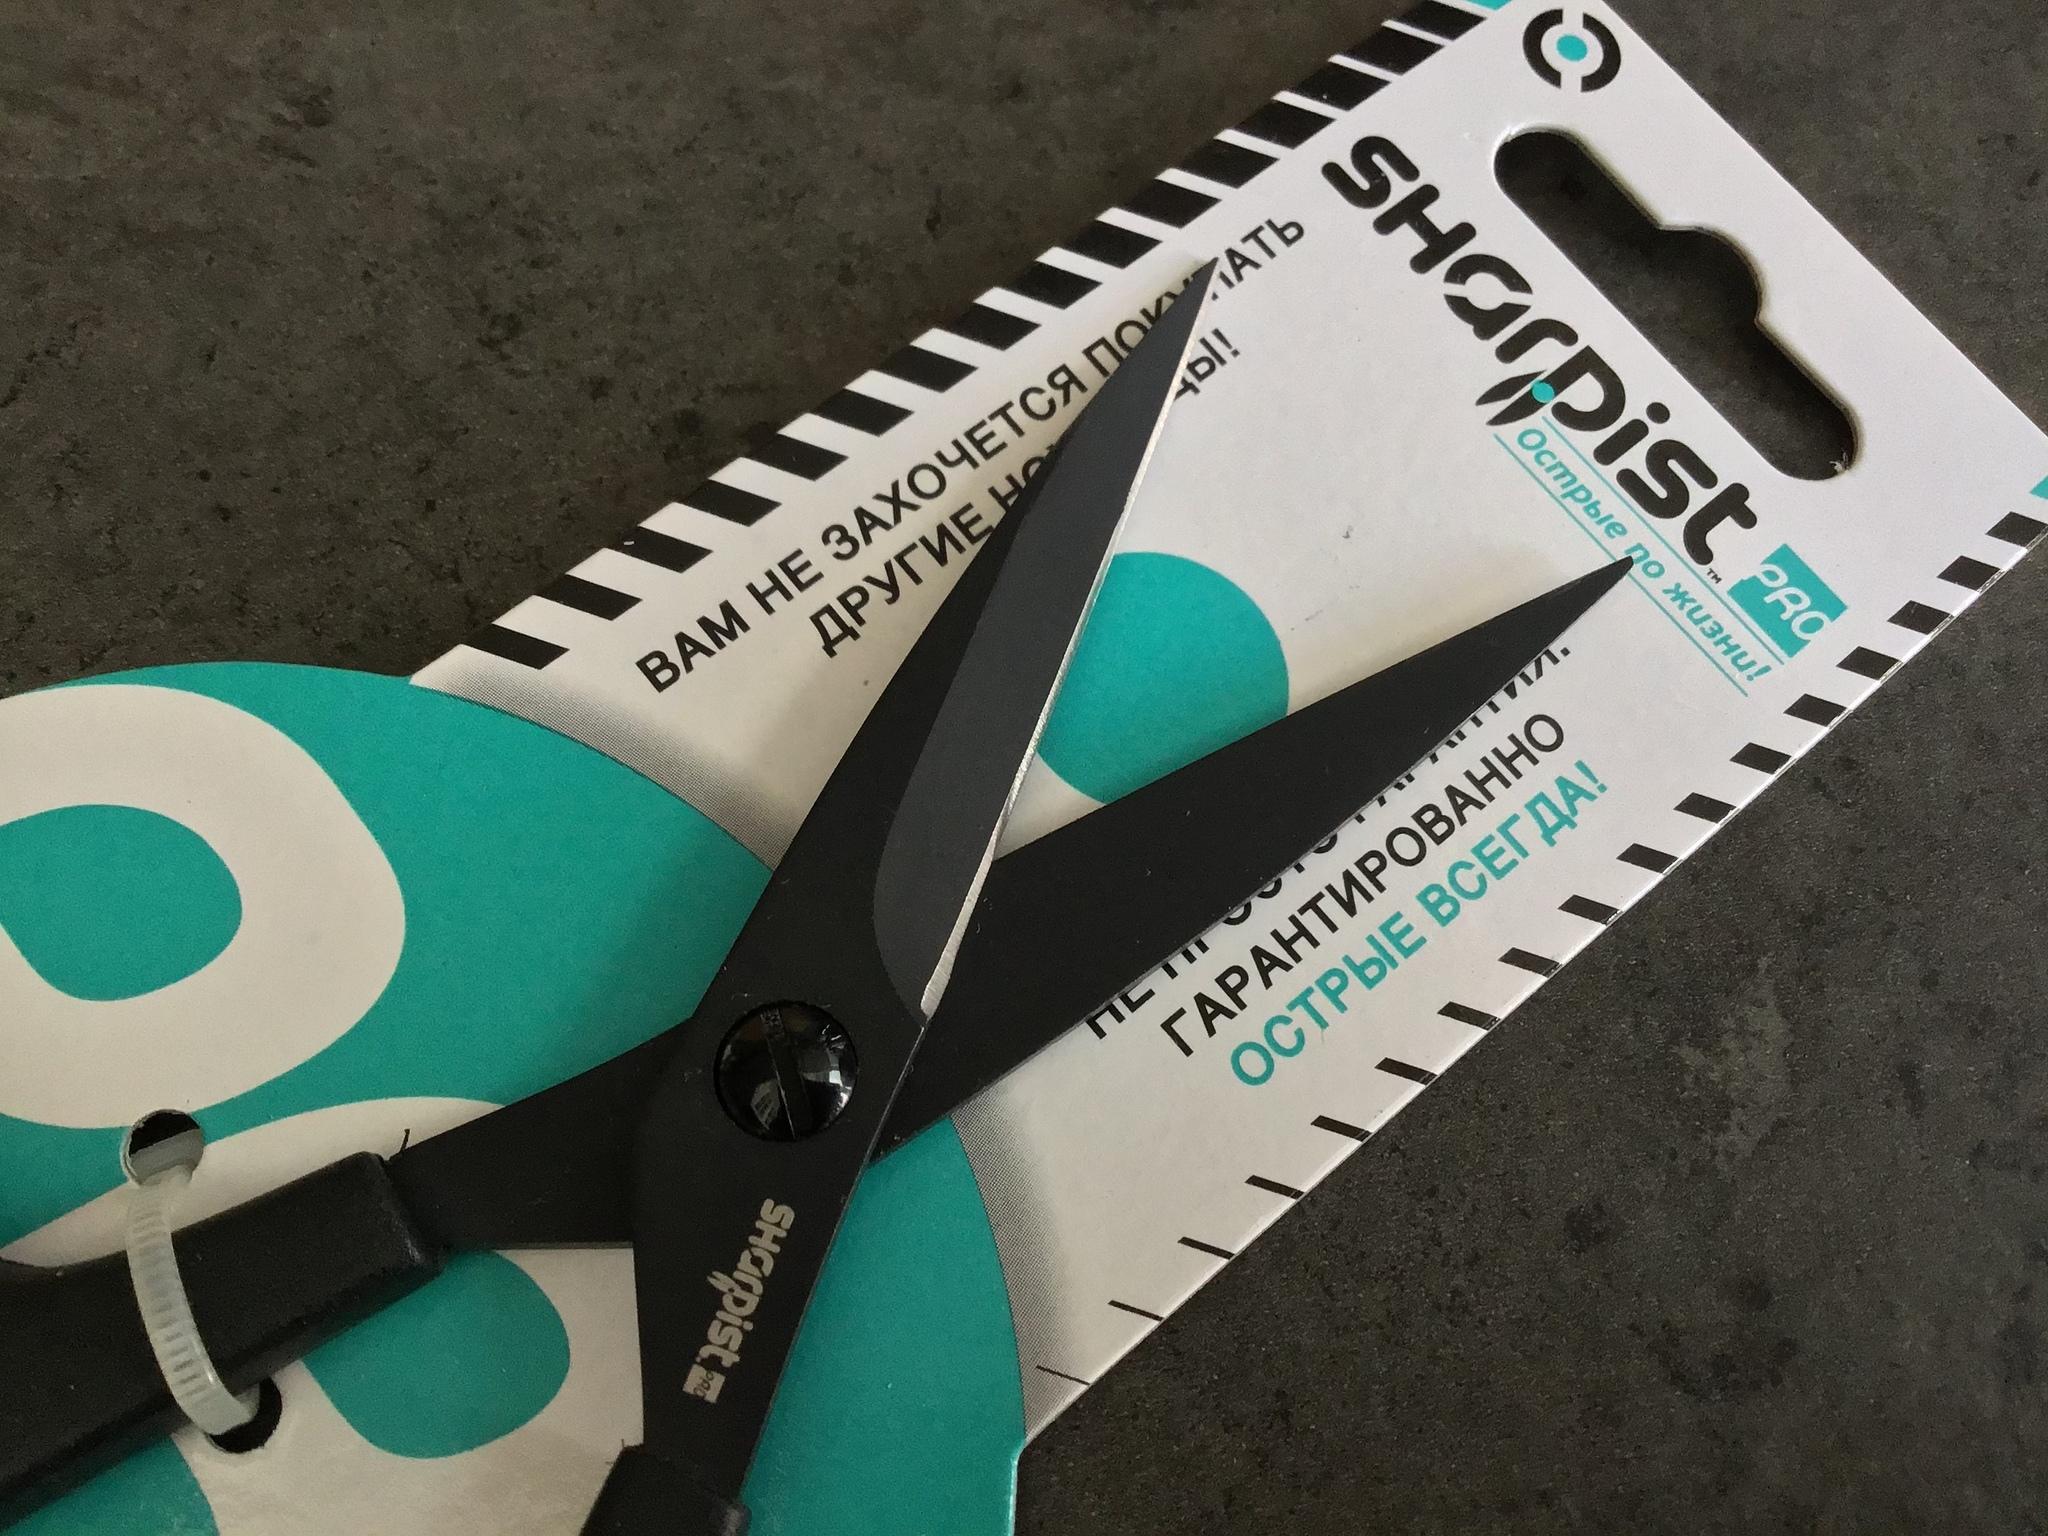 Ножницы профессиональные для аппликаций и шитья, 13,5 см Sharpist_купить в магазине yarnsnob.ru